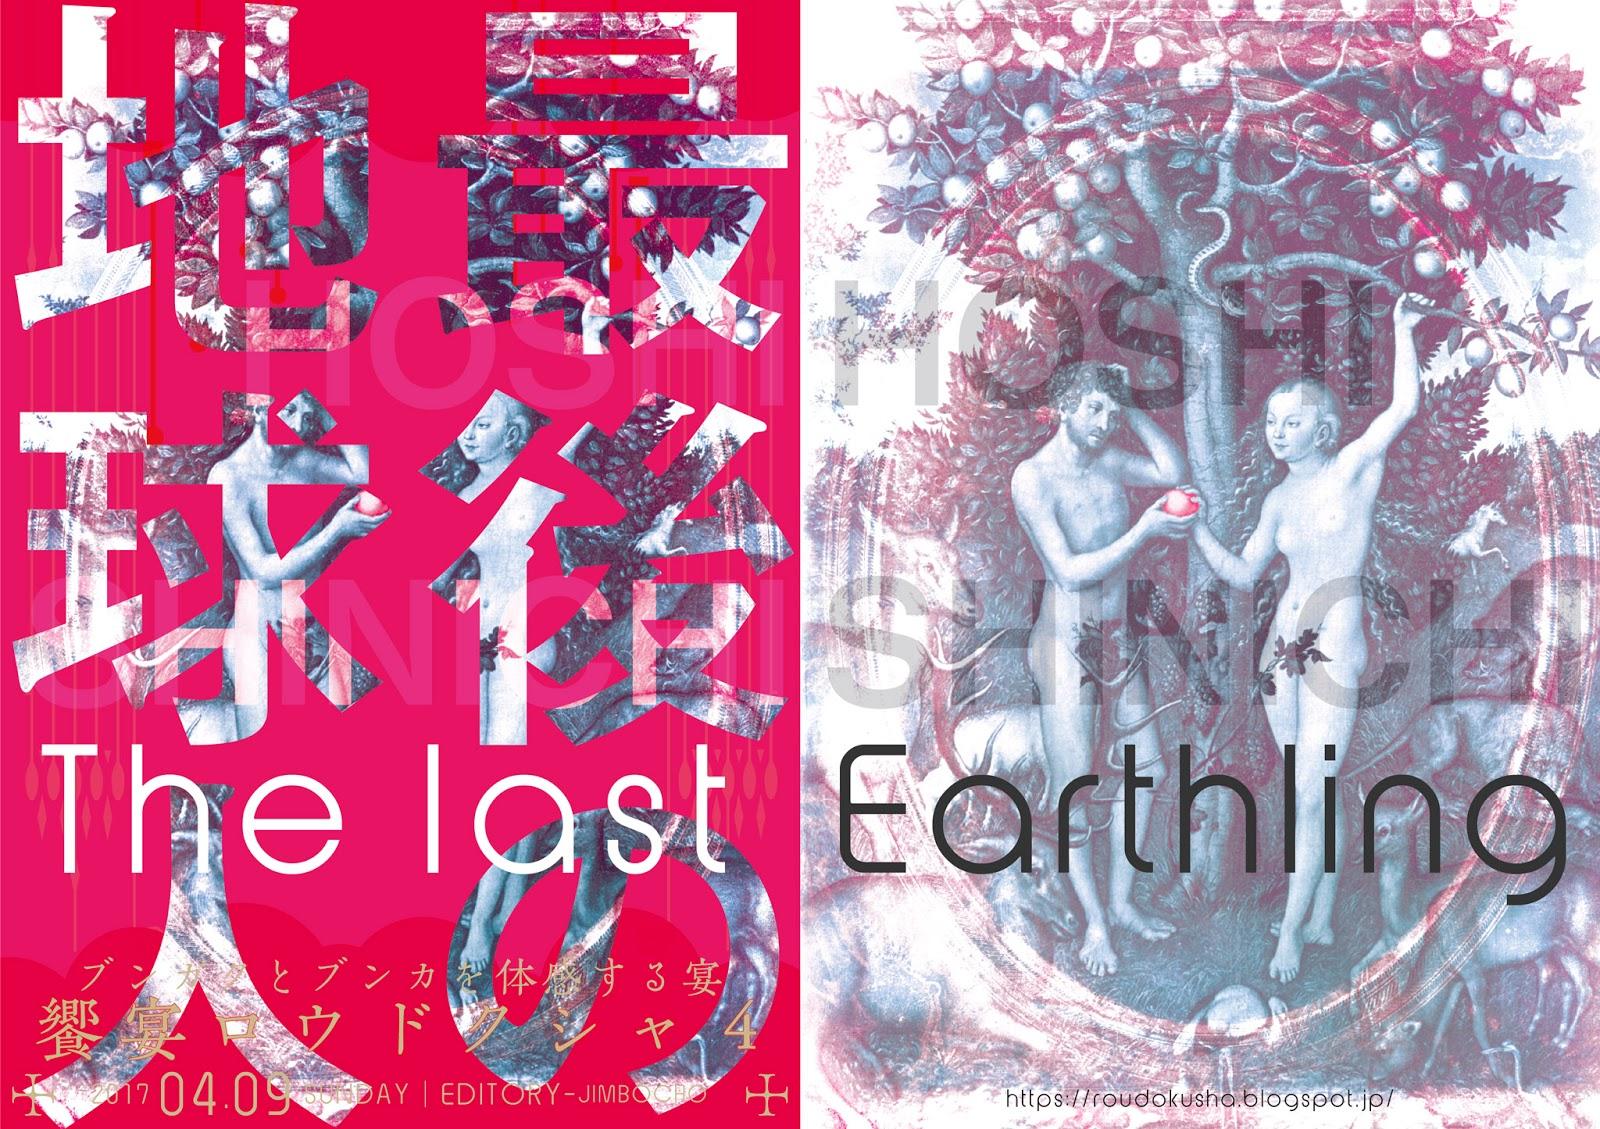 4月9日開催!饗宴ロウドクシャ4『最後の地球人』